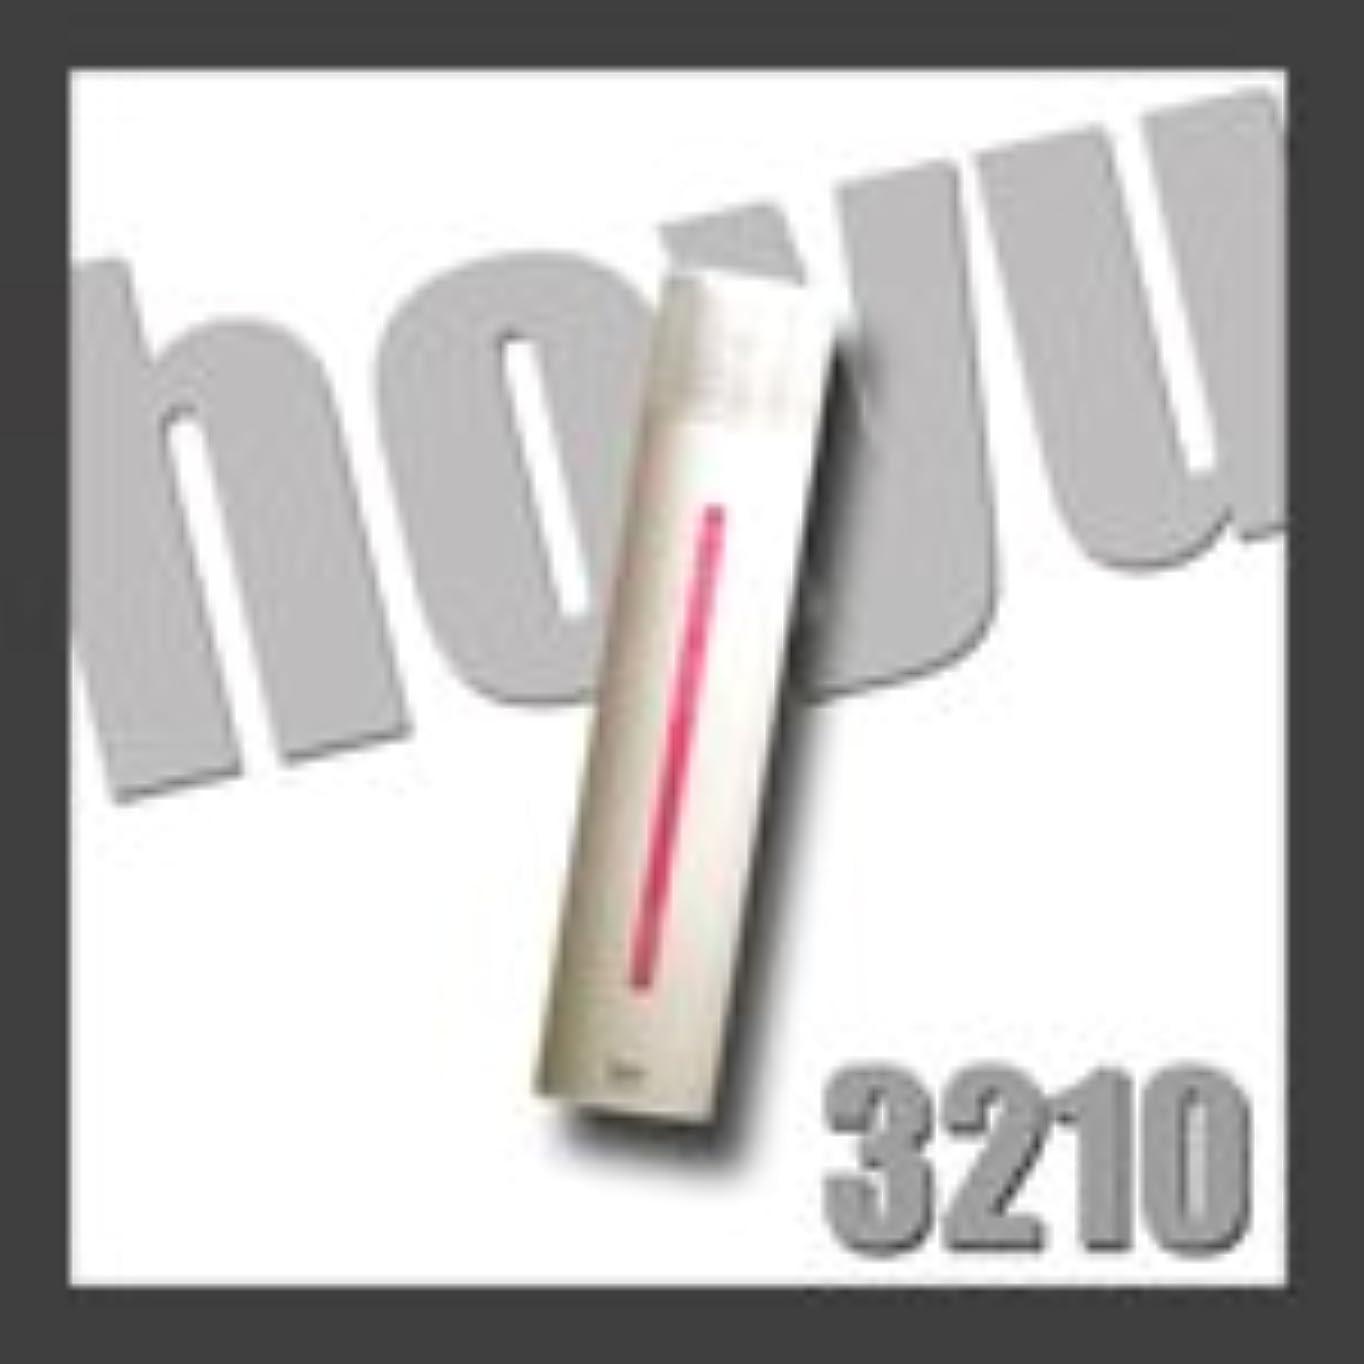 マーティフィールディングマトリックス故意のHOYU ホーユー 3210 ミニーレ スプリール スタイリングスプレー HF ハードフィックス 180g